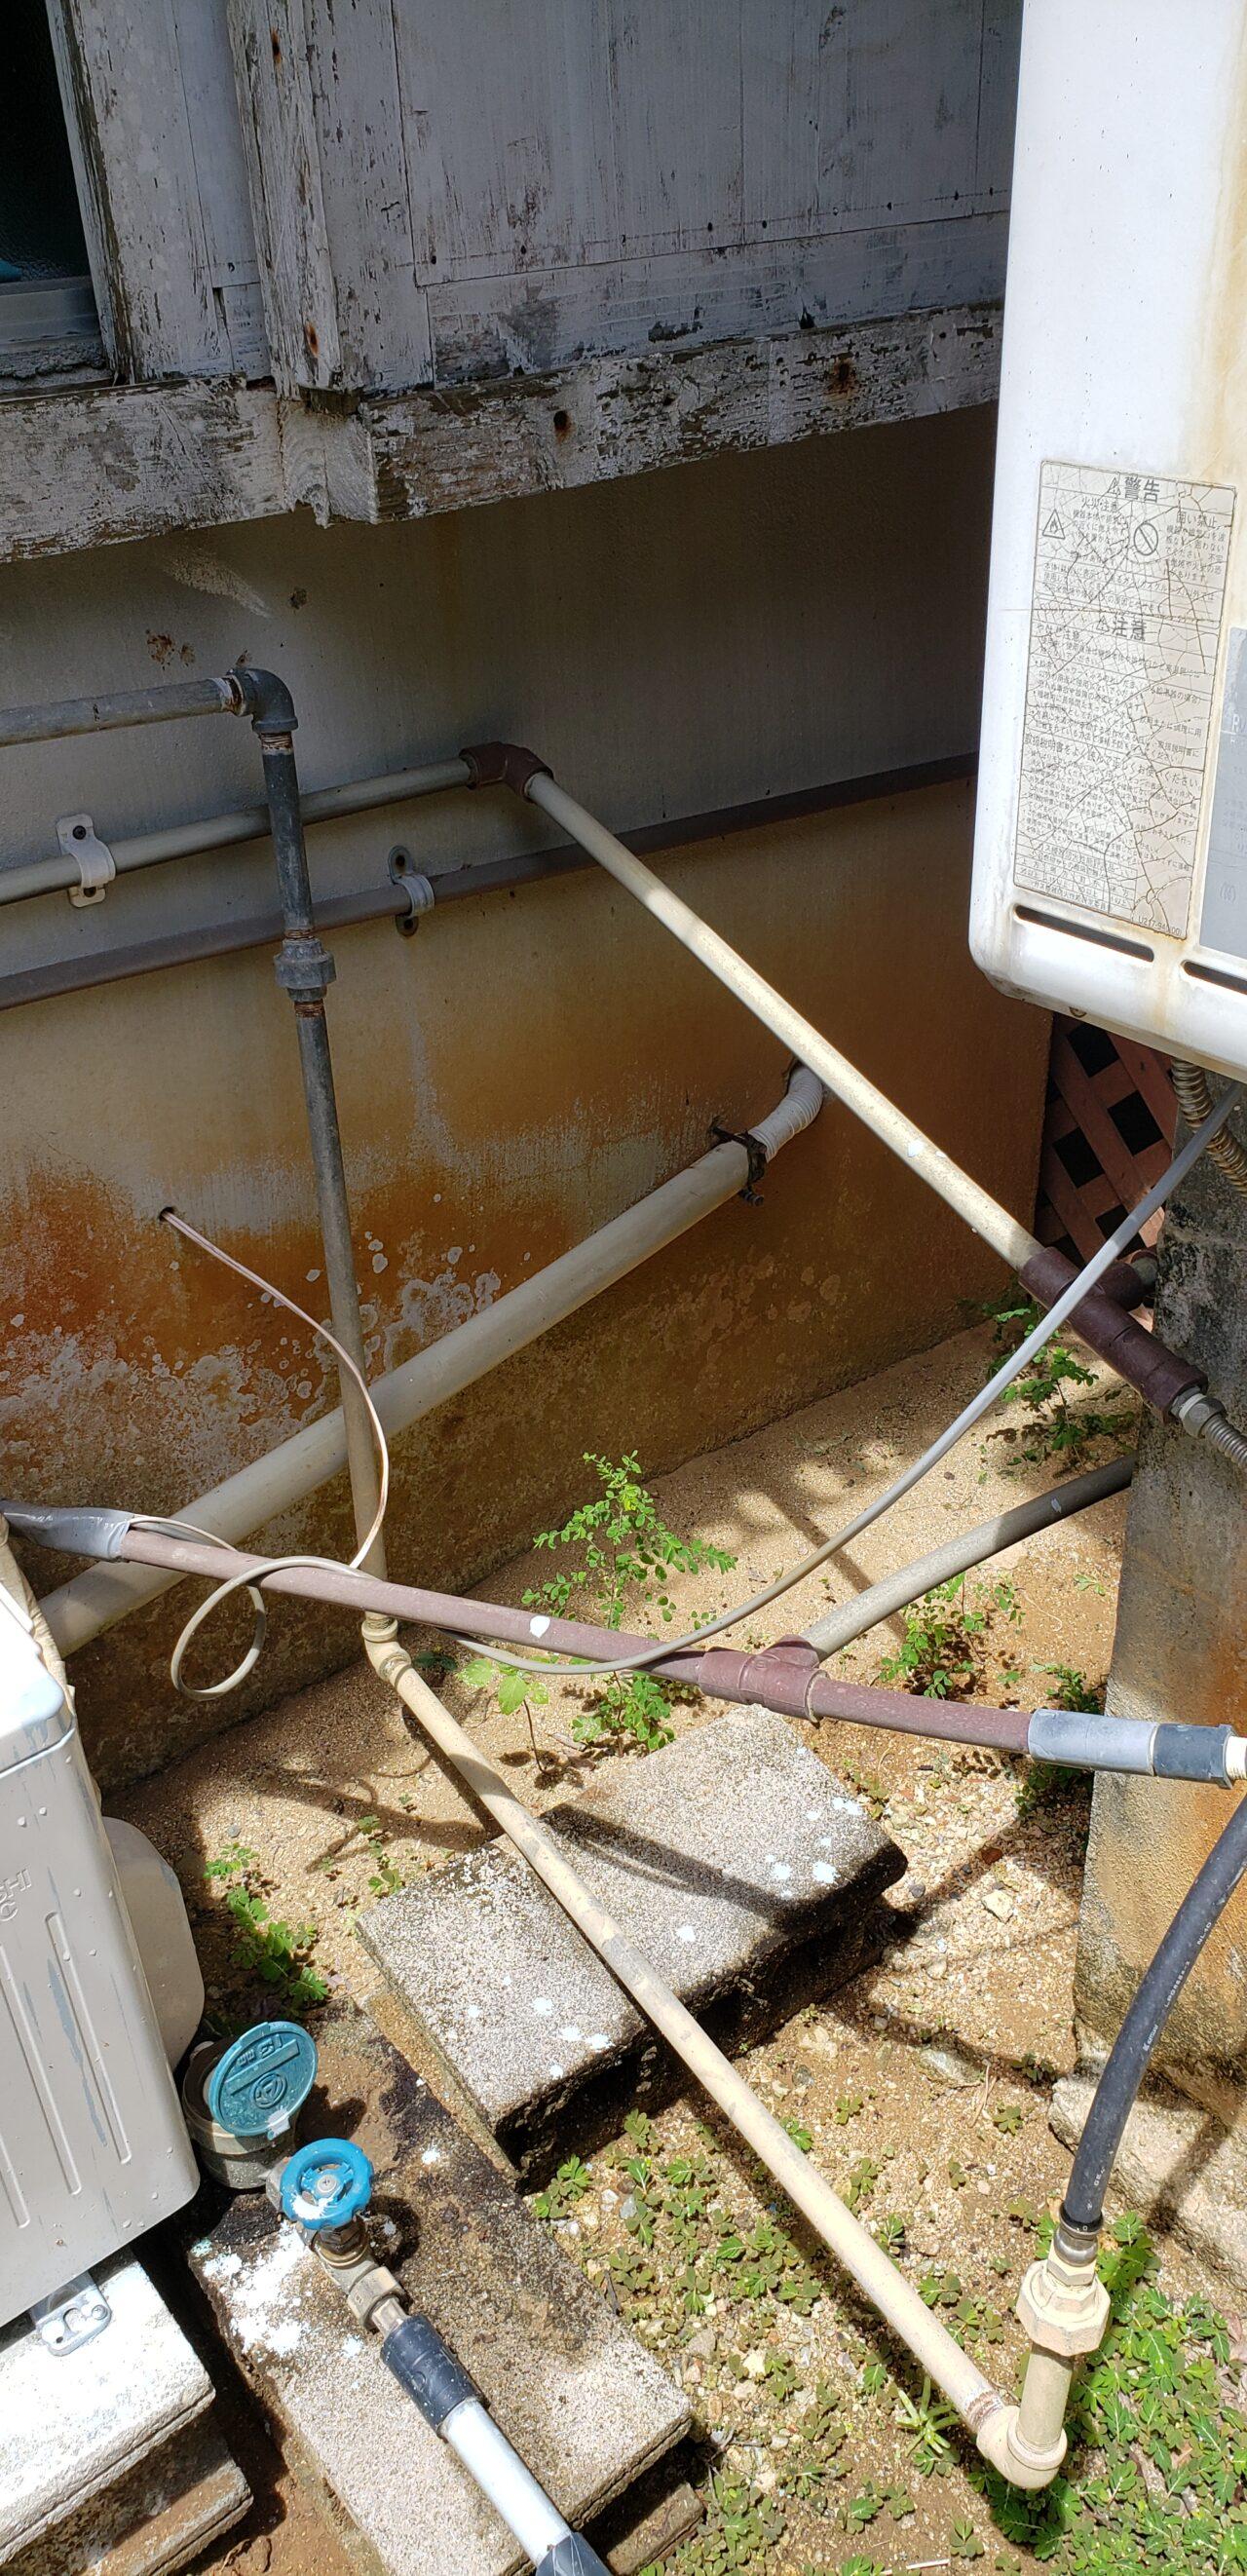 水道管設置が腰の高さで通れない